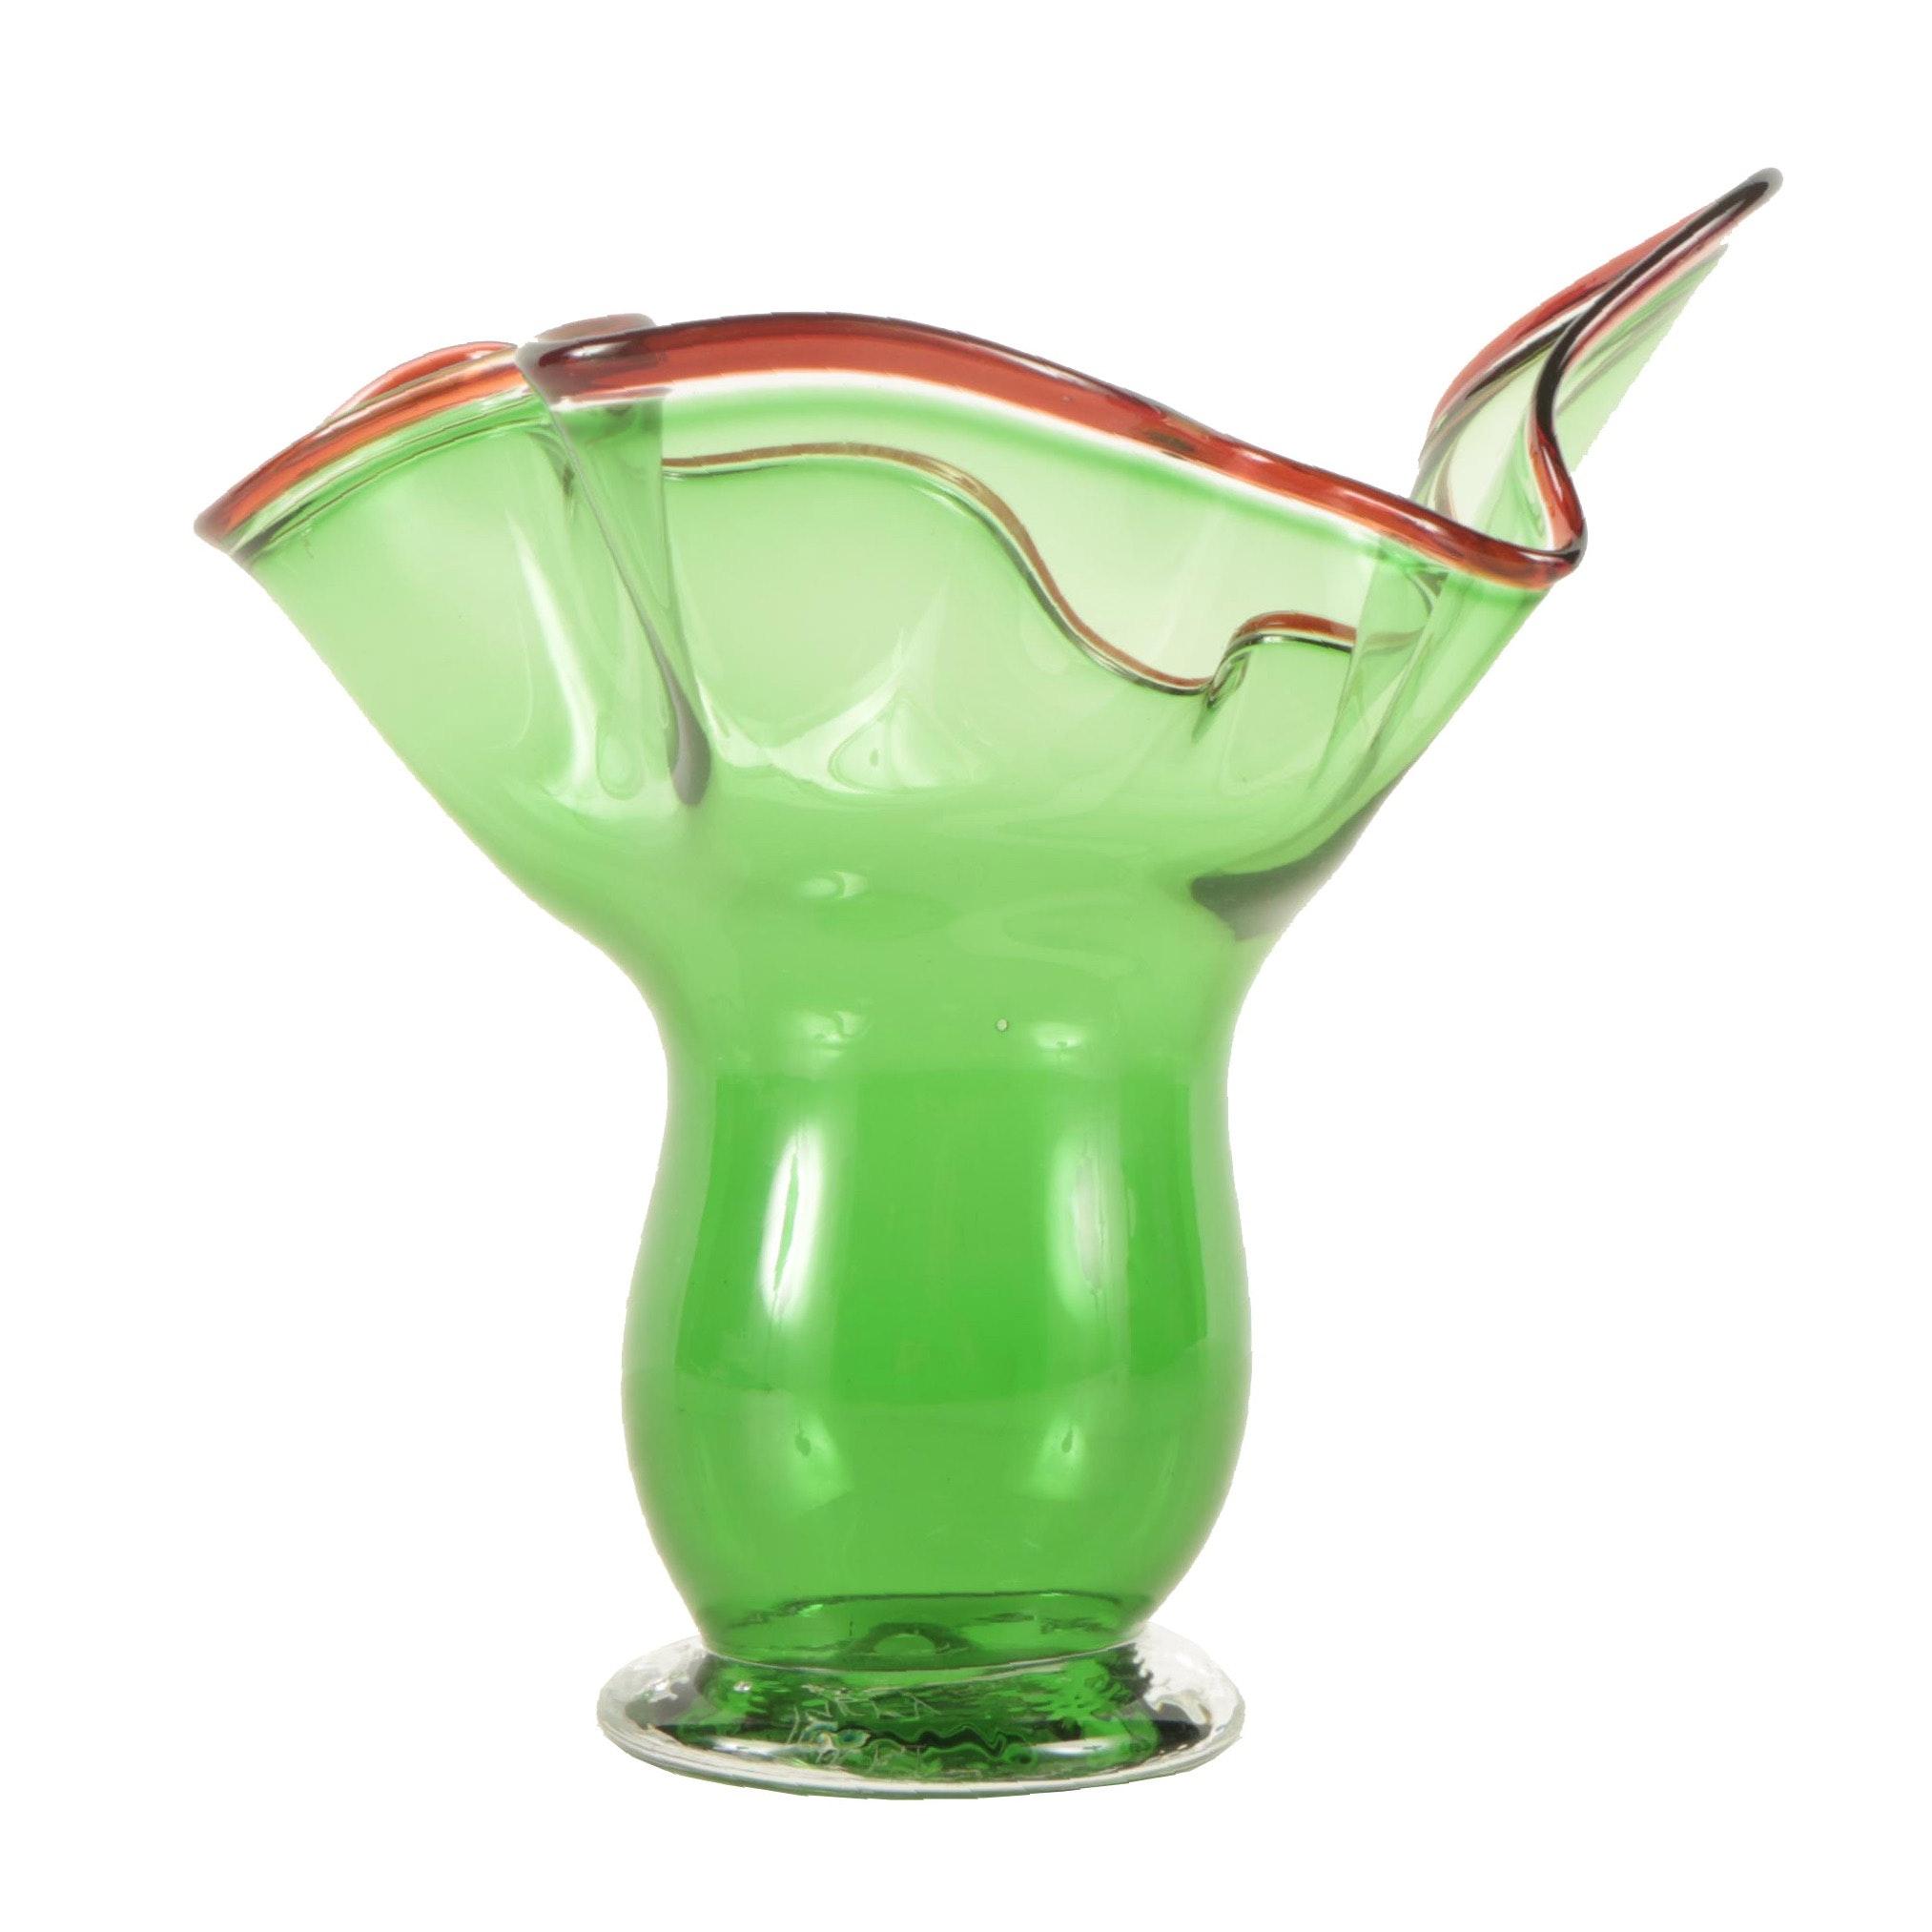 Parry 20th Century Art Glass Vase